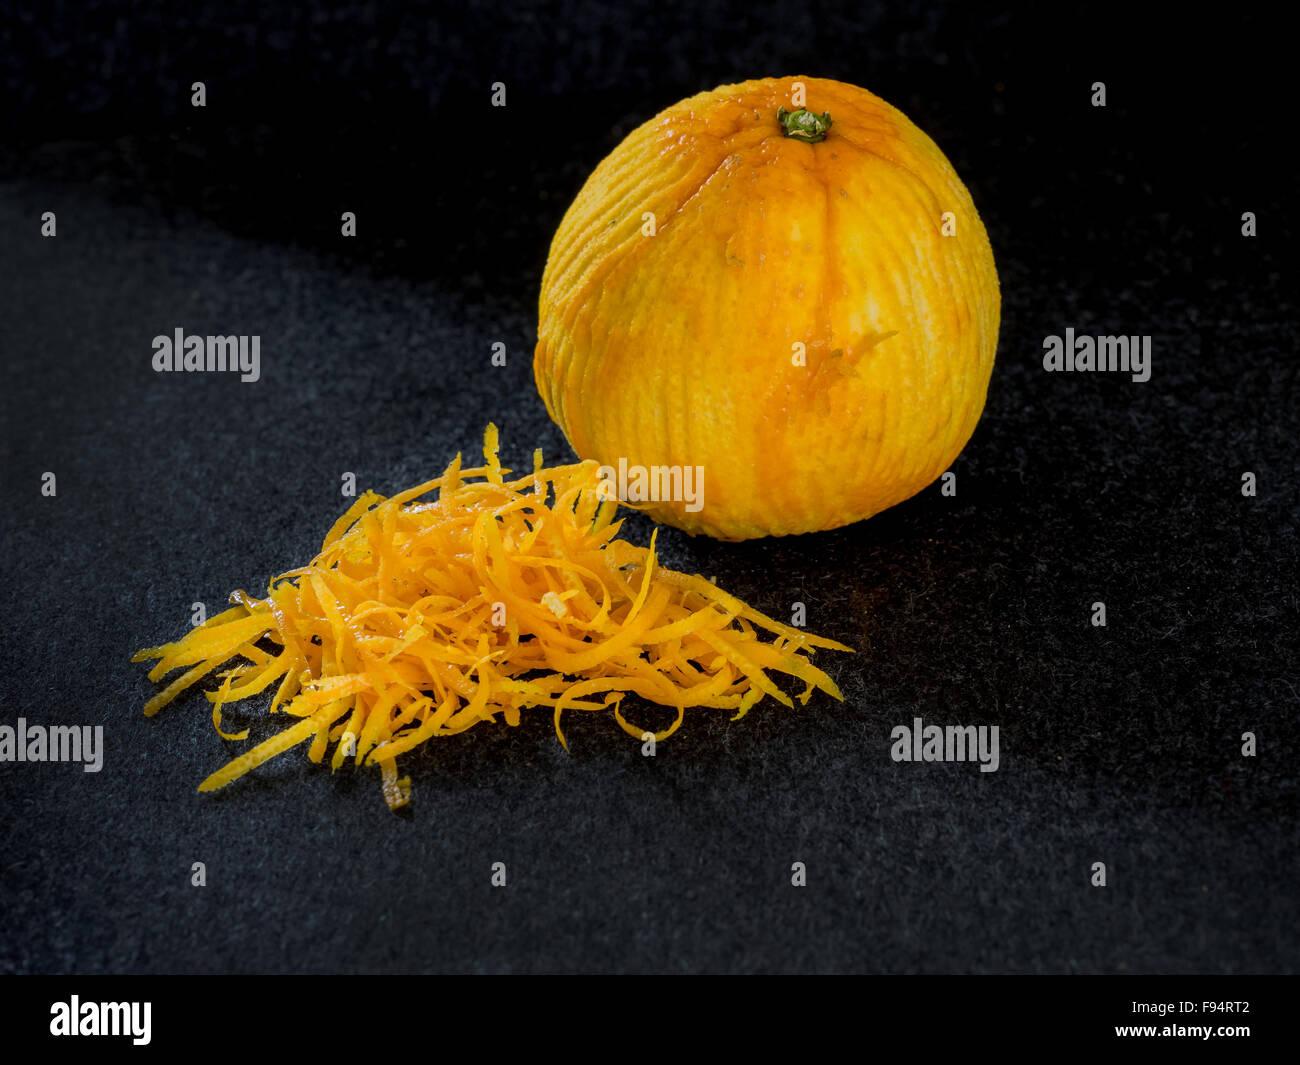 Uno maduras zested naranja Imagen De Stock